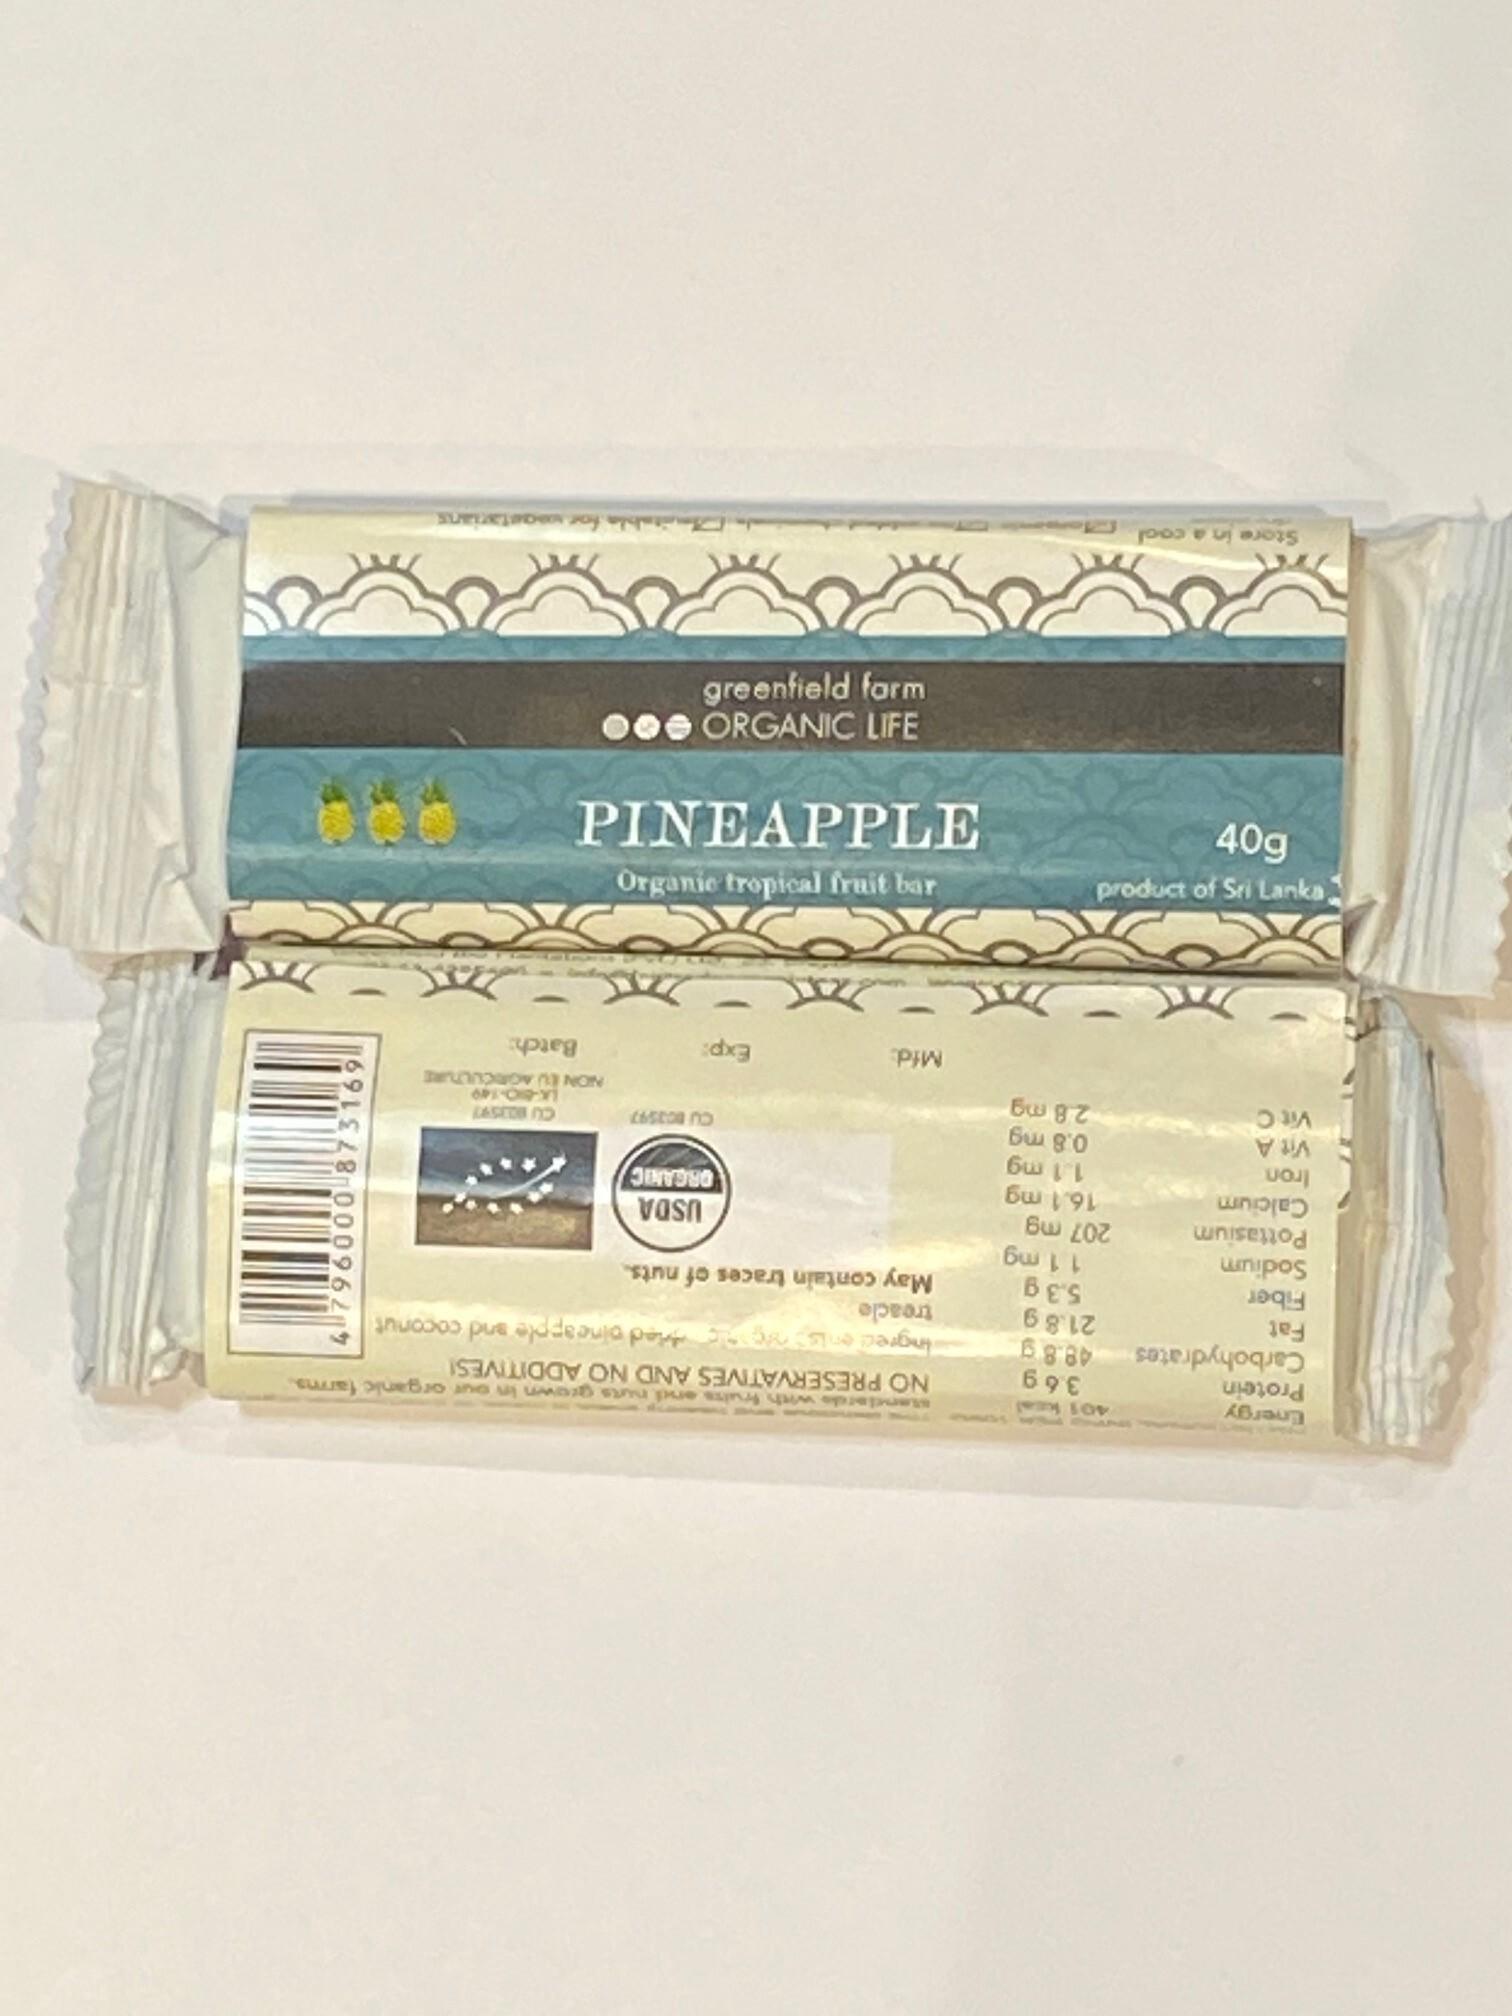 【 グルテンフリー 】 ビーガン系 パイナップル  フルーツバー  ( 低GI )( USDA organic ) スリランカ産